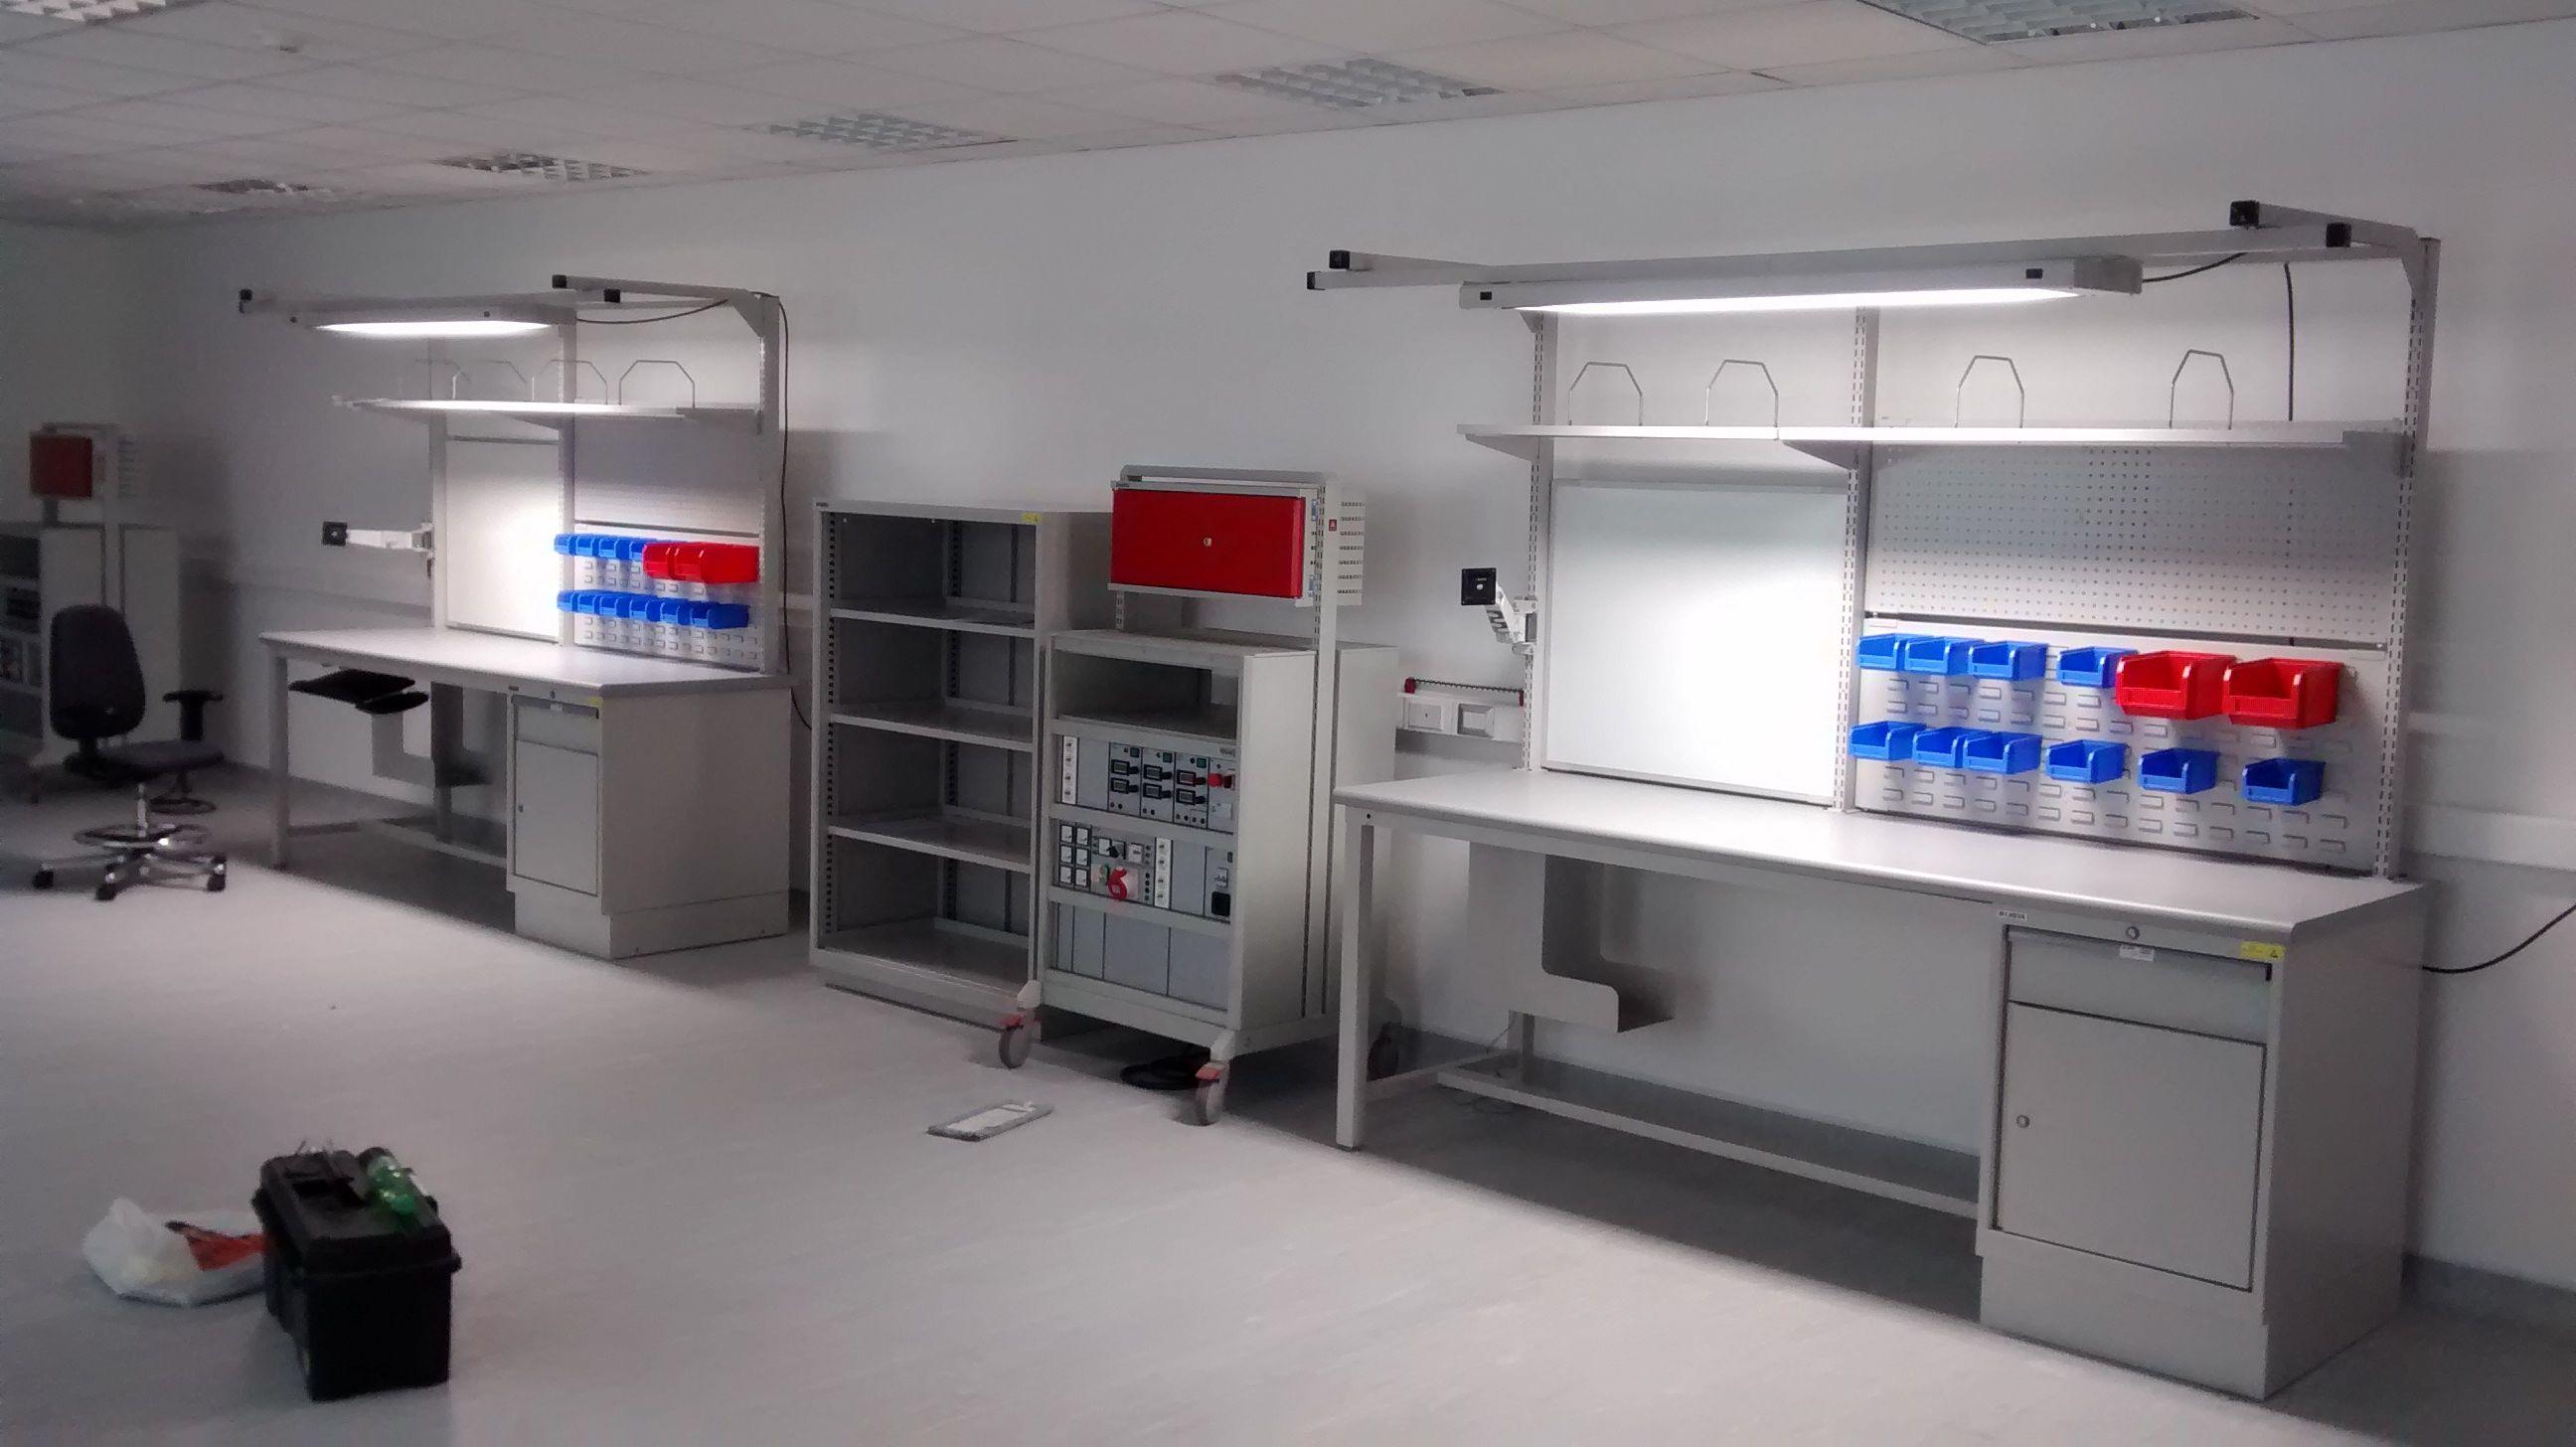 Estaciones de trabajo esd con iluminaci n pizarra for Estacion de trabajo